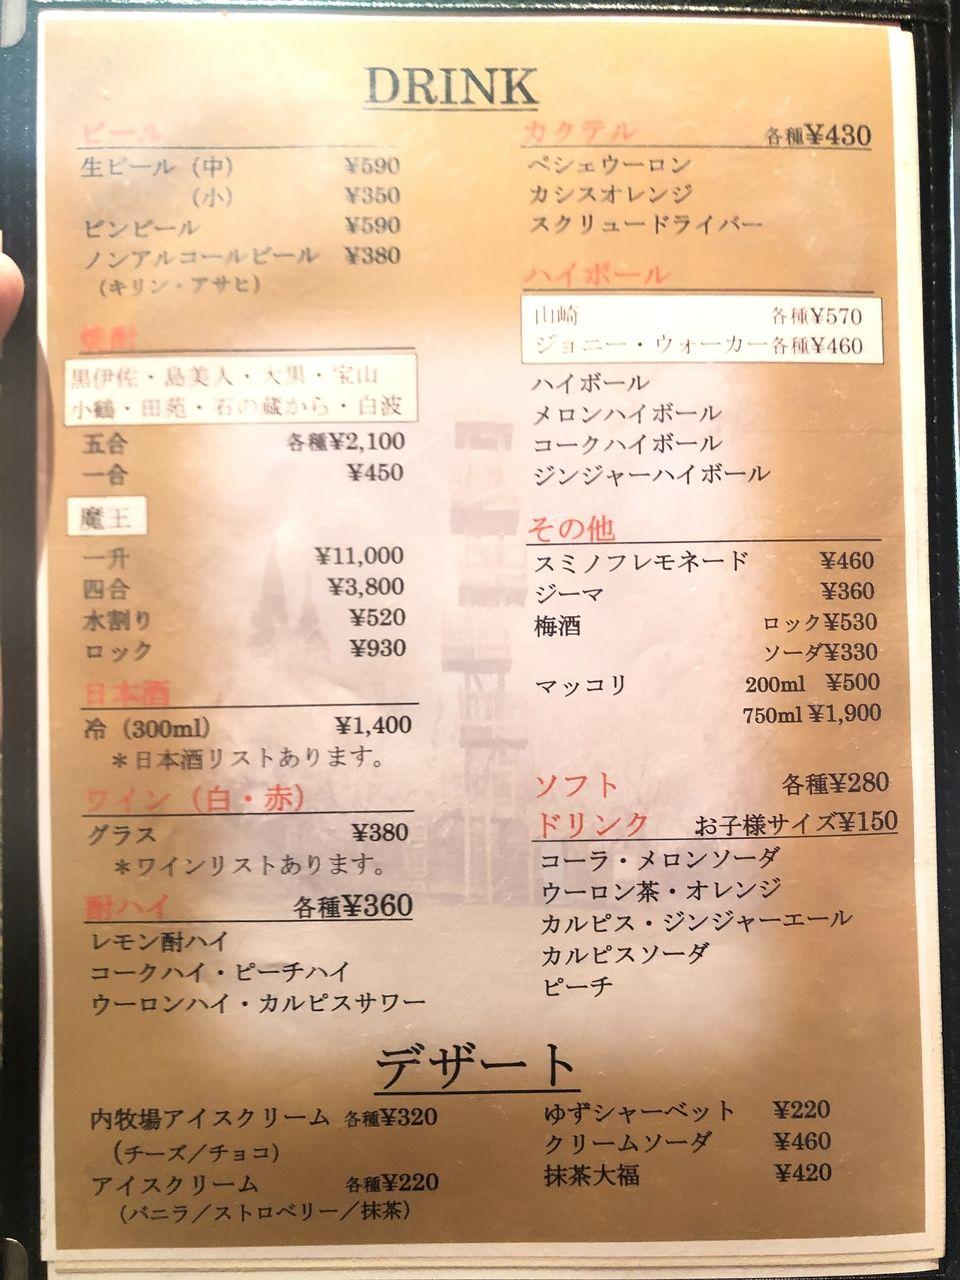 鹿児島県日置市伊集院町猪鹿倉の焼肉・たべもの処松風はドリンク・デザートの種類も沢山あります。